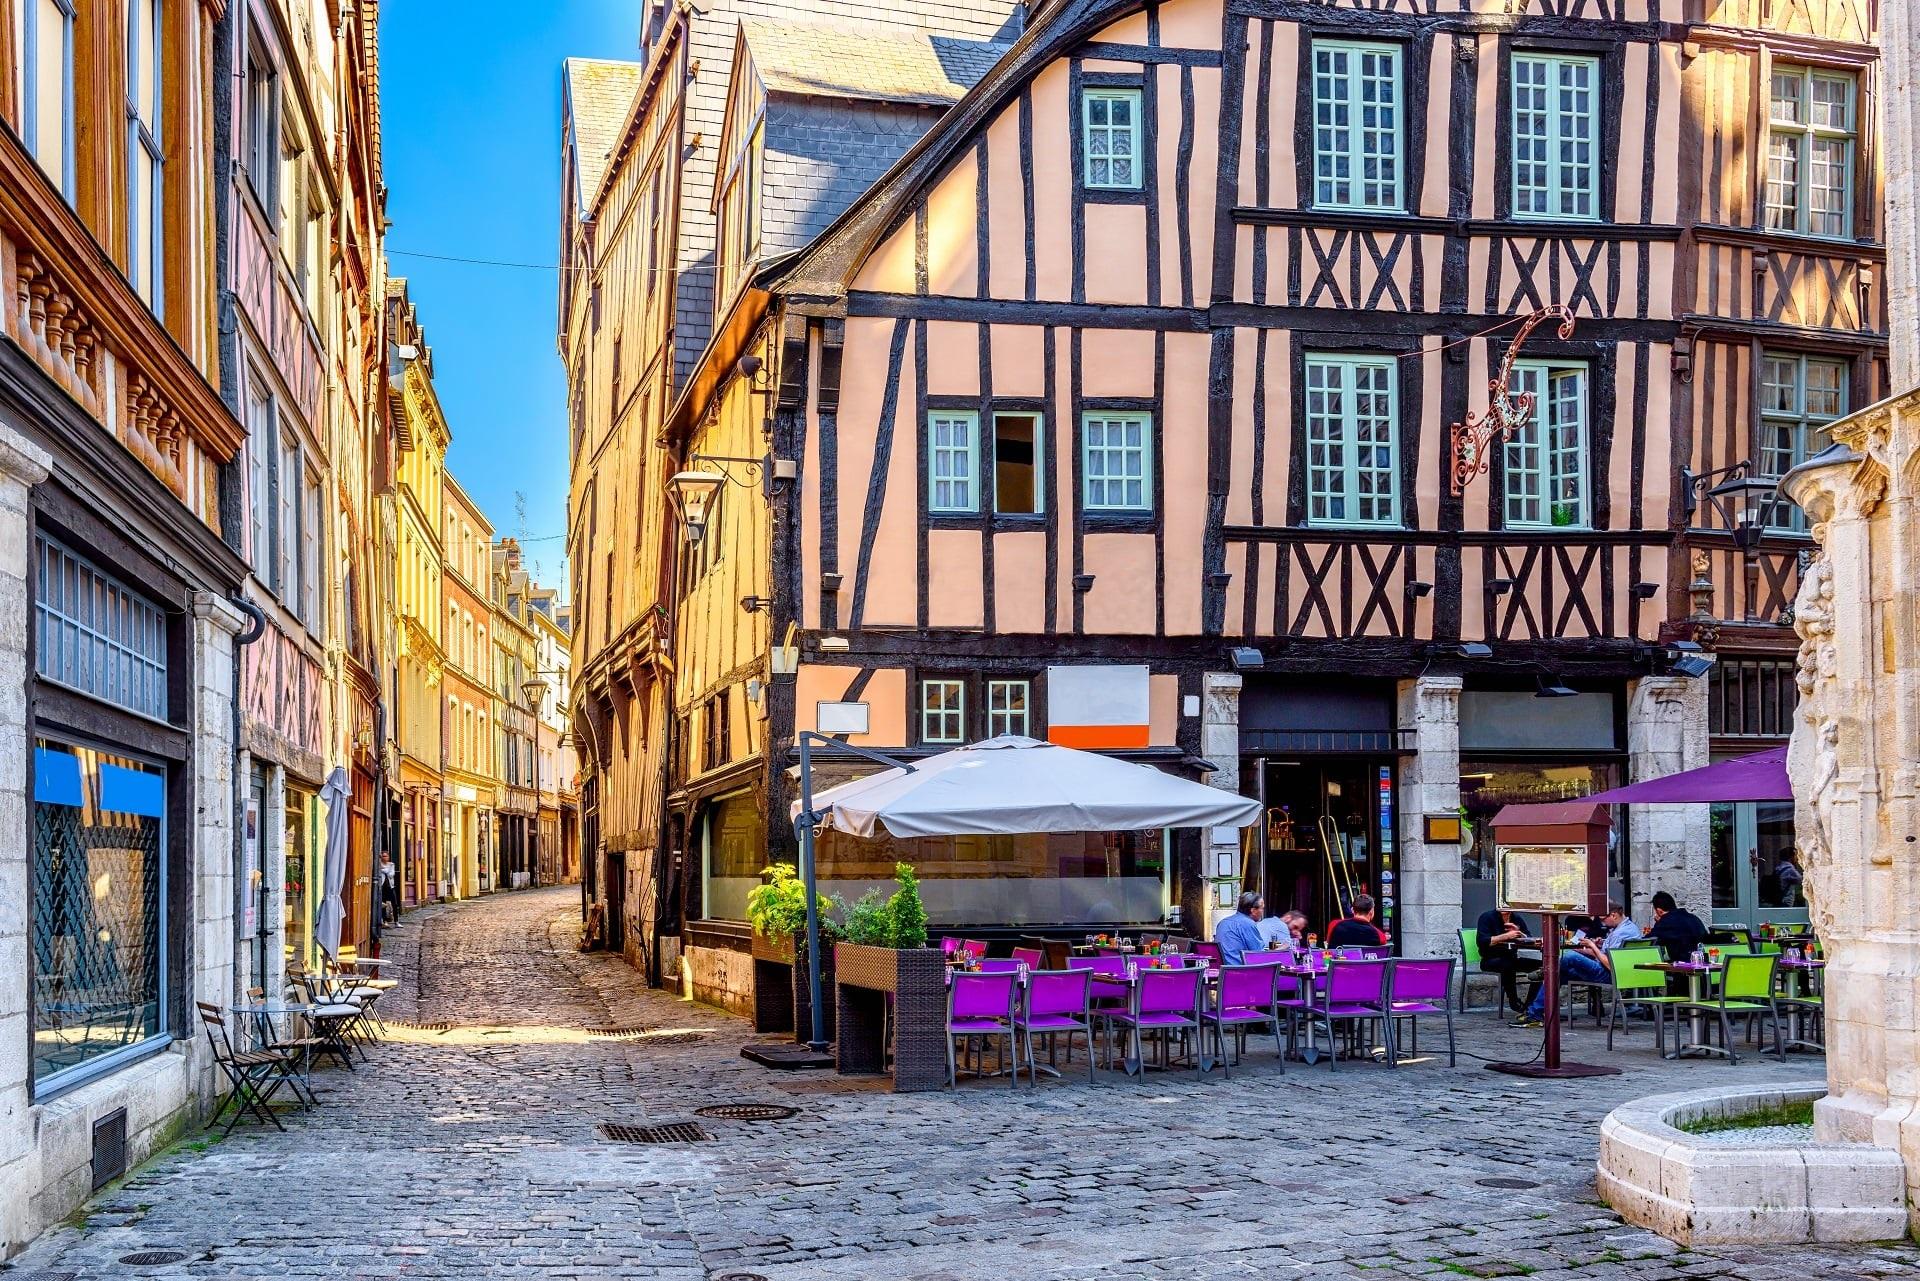 Rouen, France2